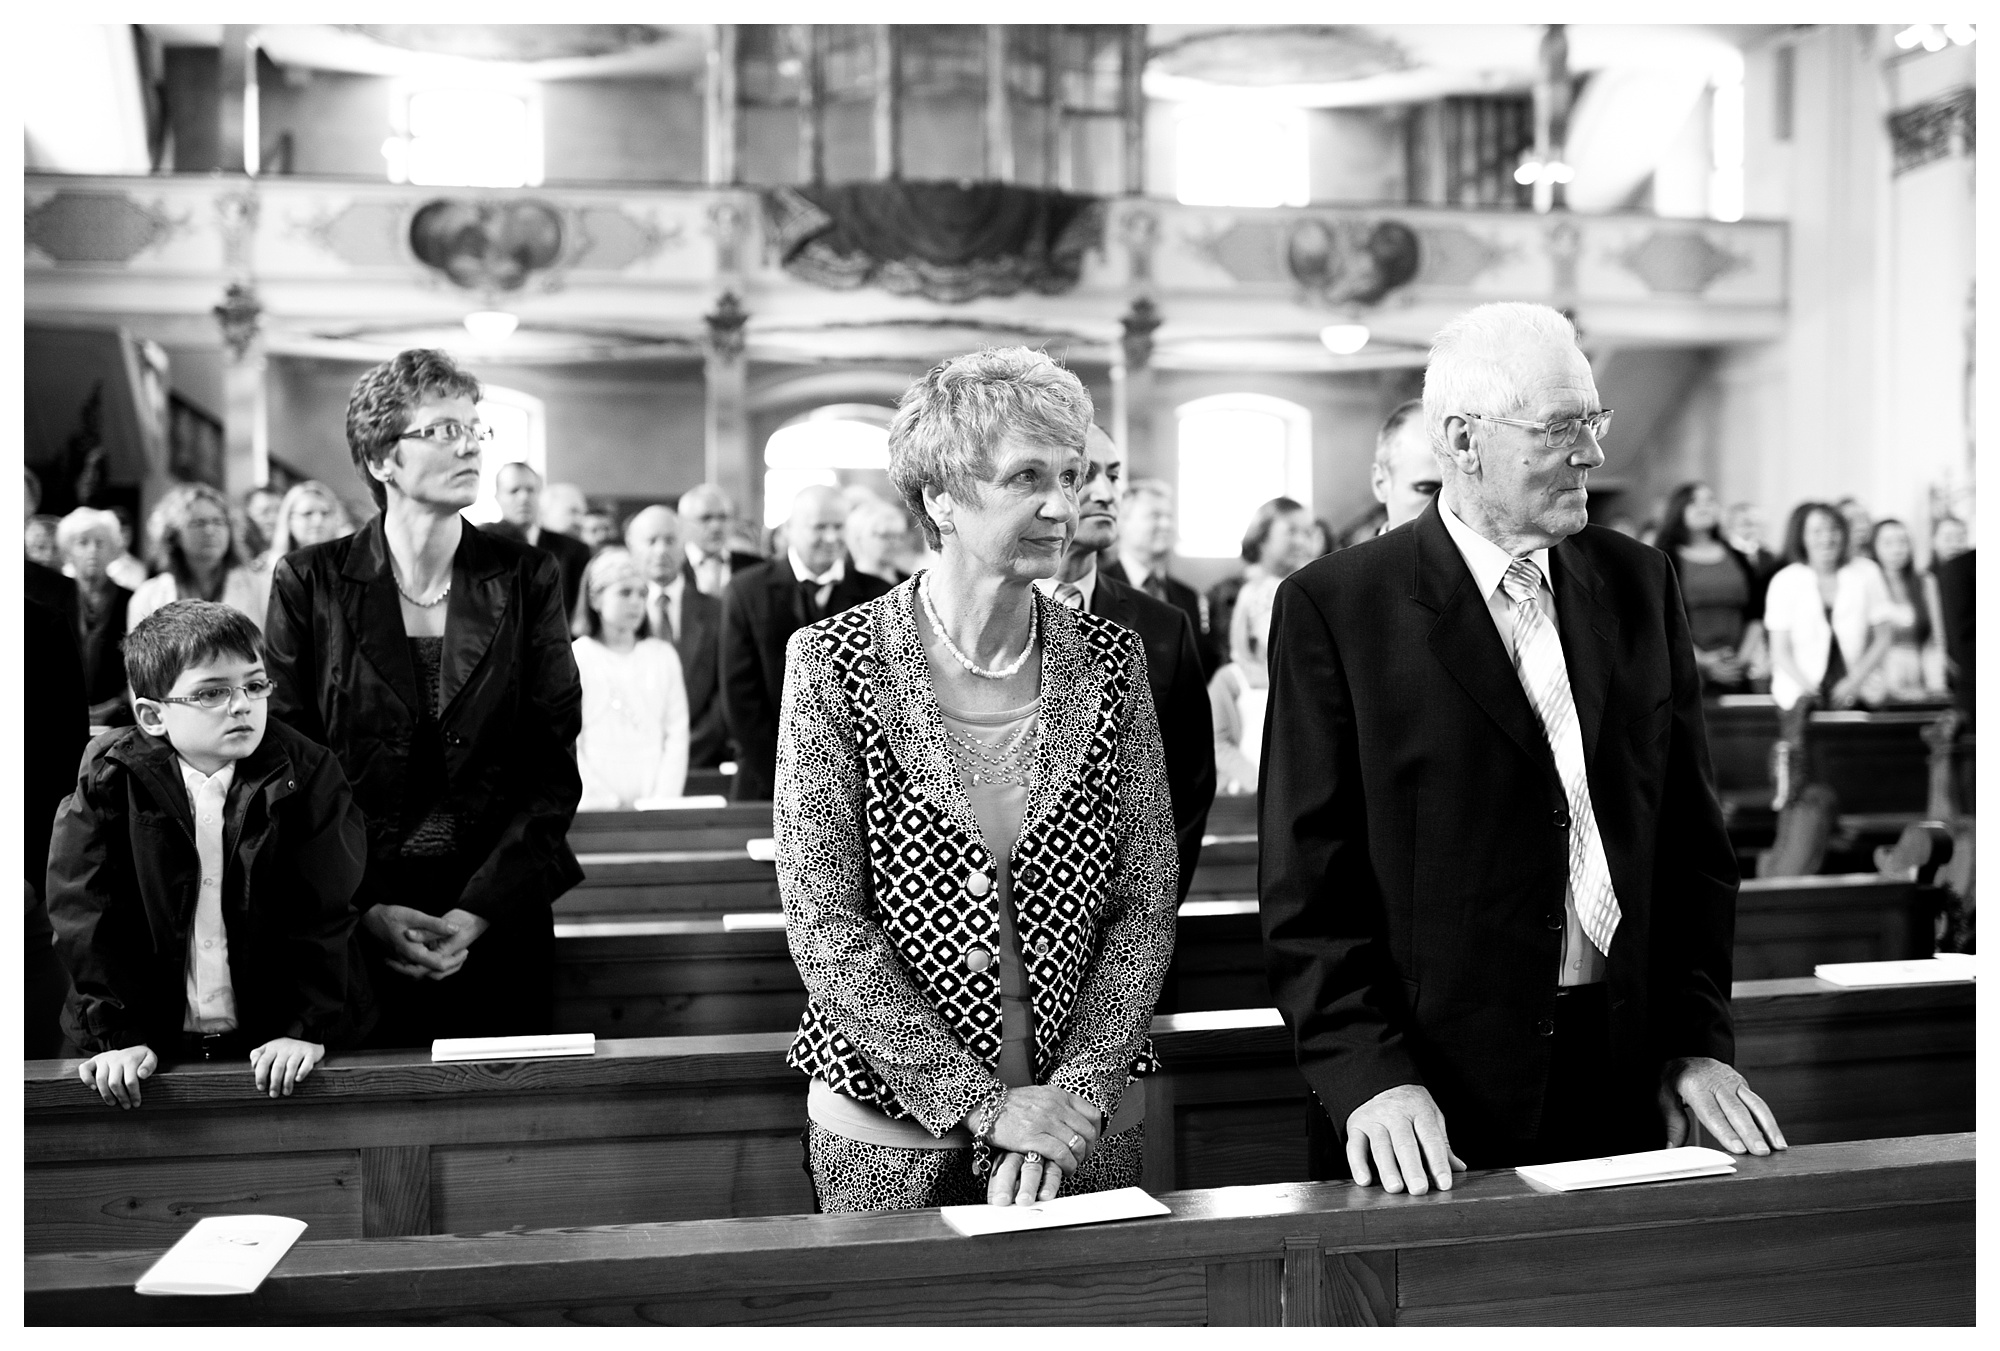 Fotograf Konstanz - Hochzeit Tanja Elmar Elmar Feuerbacher Photography Konstanz Messkirch Highlights 026 - Hochzeitsreportage von Tanja und Elmar im Schloss Meßkirch  - 130 -